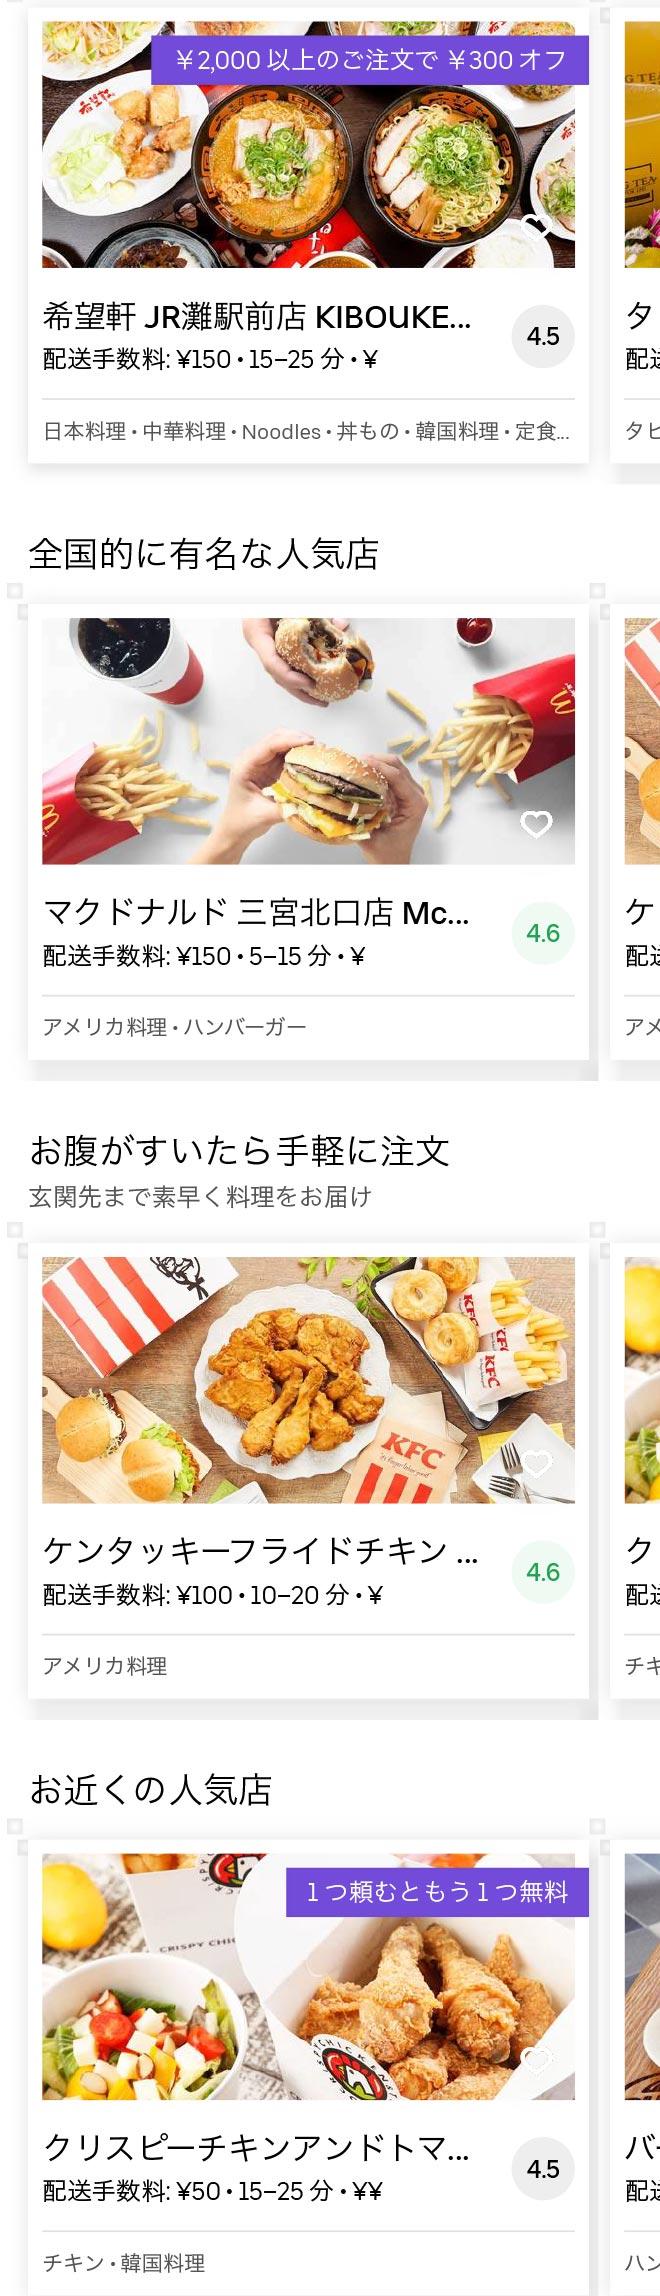 Kobe sannomiya menu 2005 01